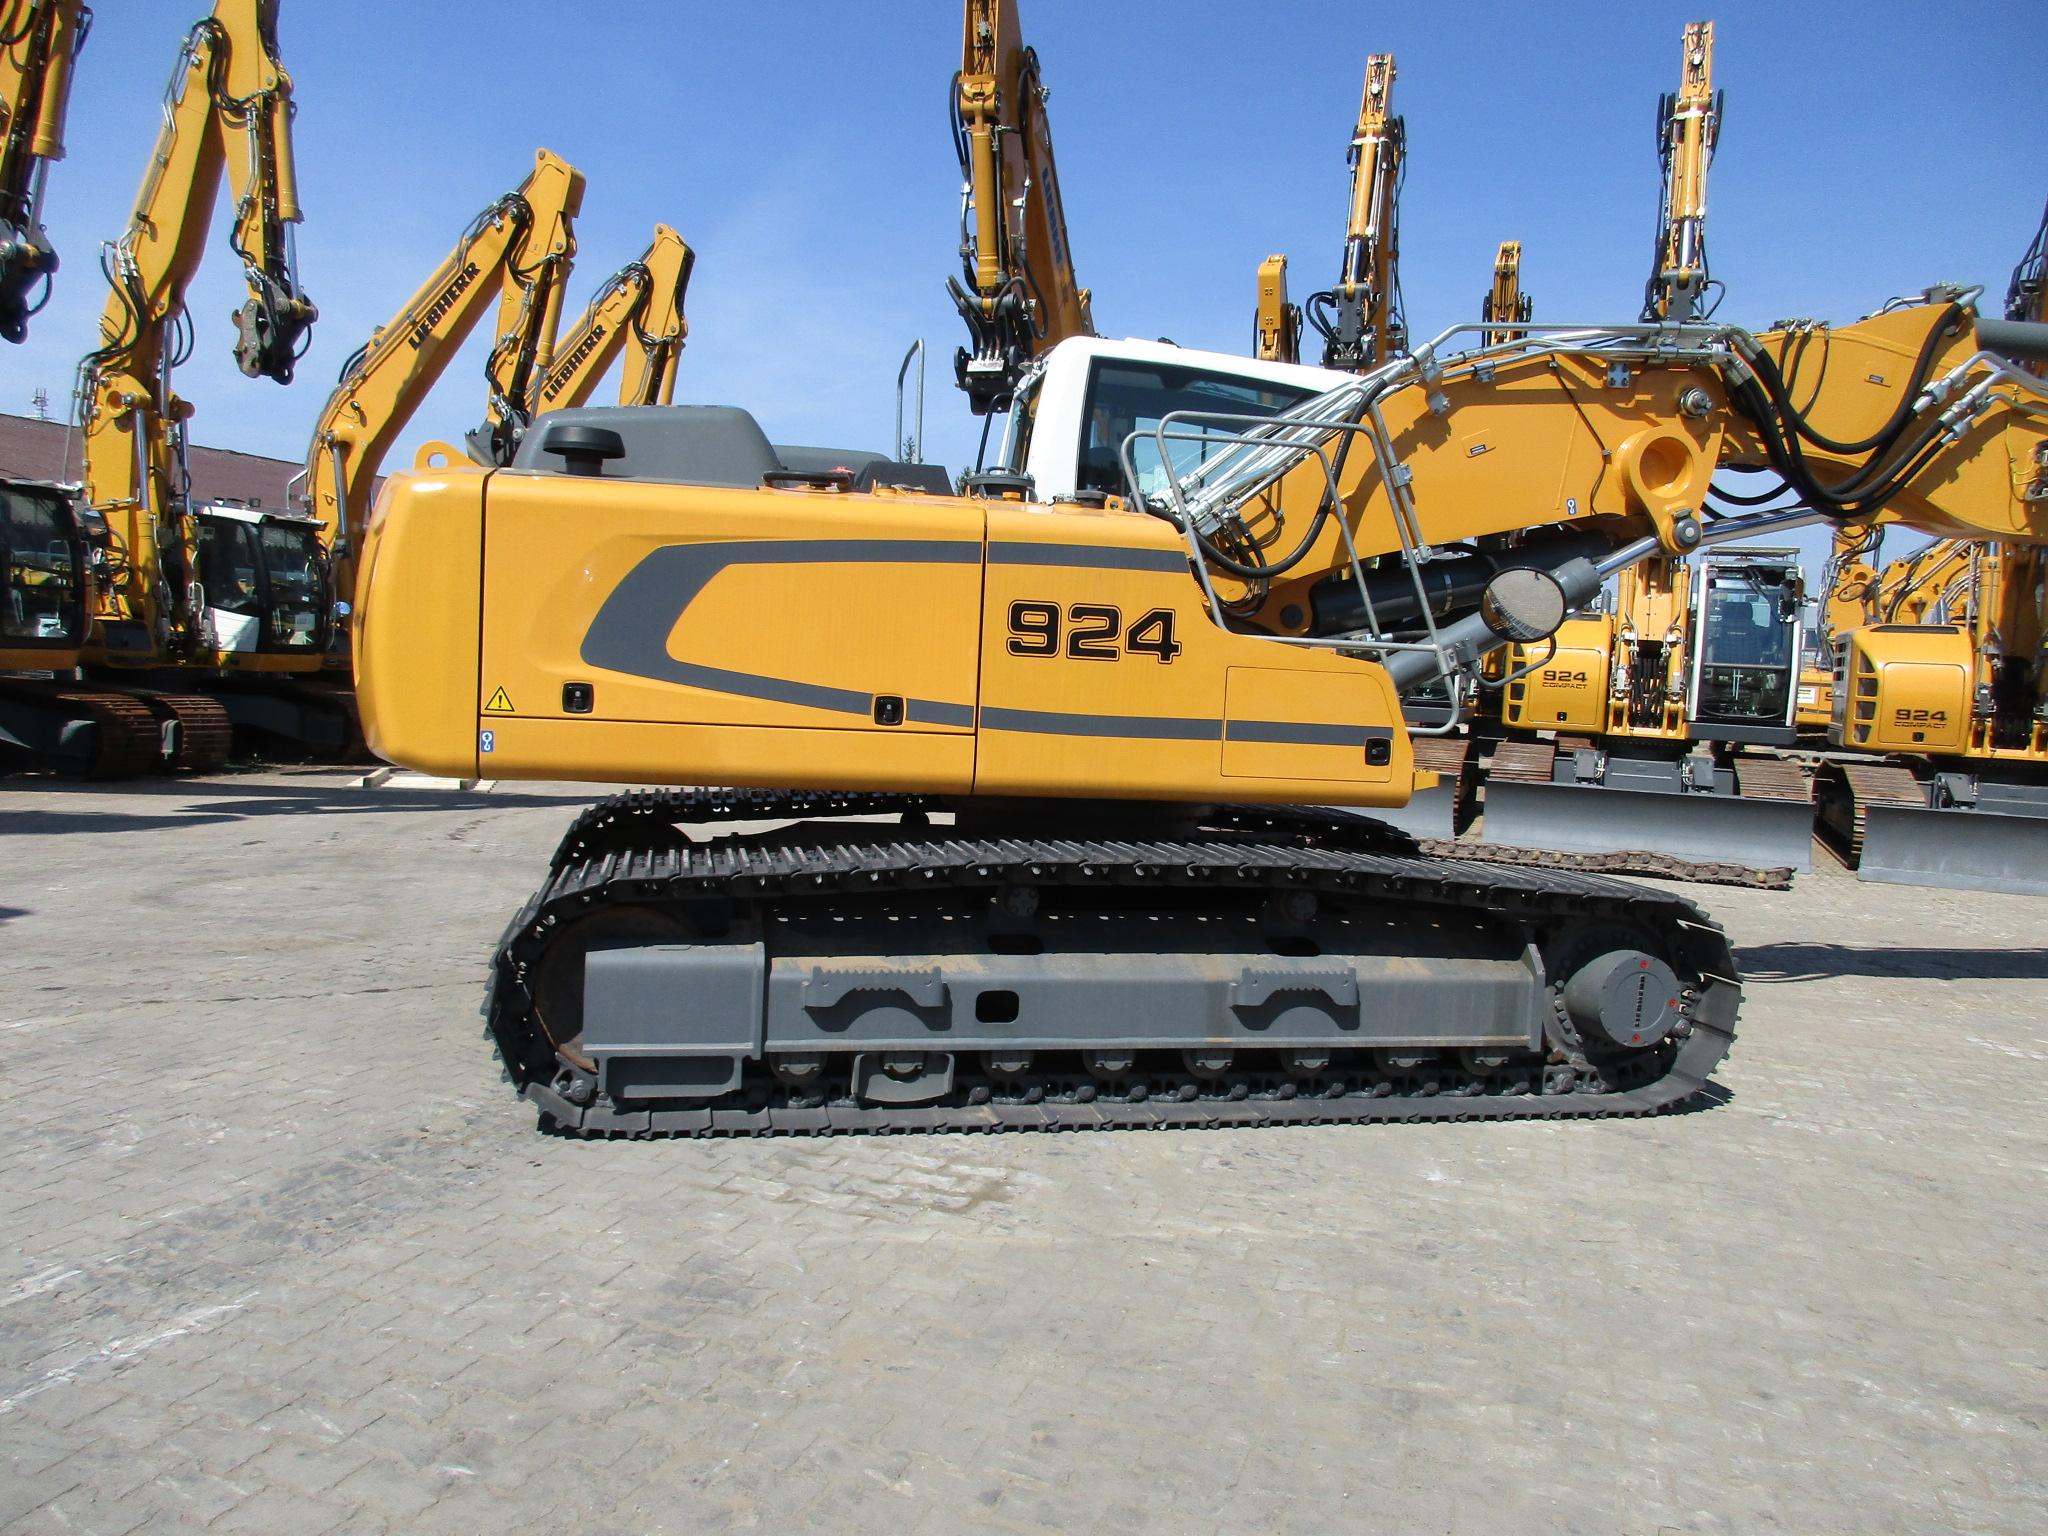 R 924 LC LI-1318-37395_005.JPG